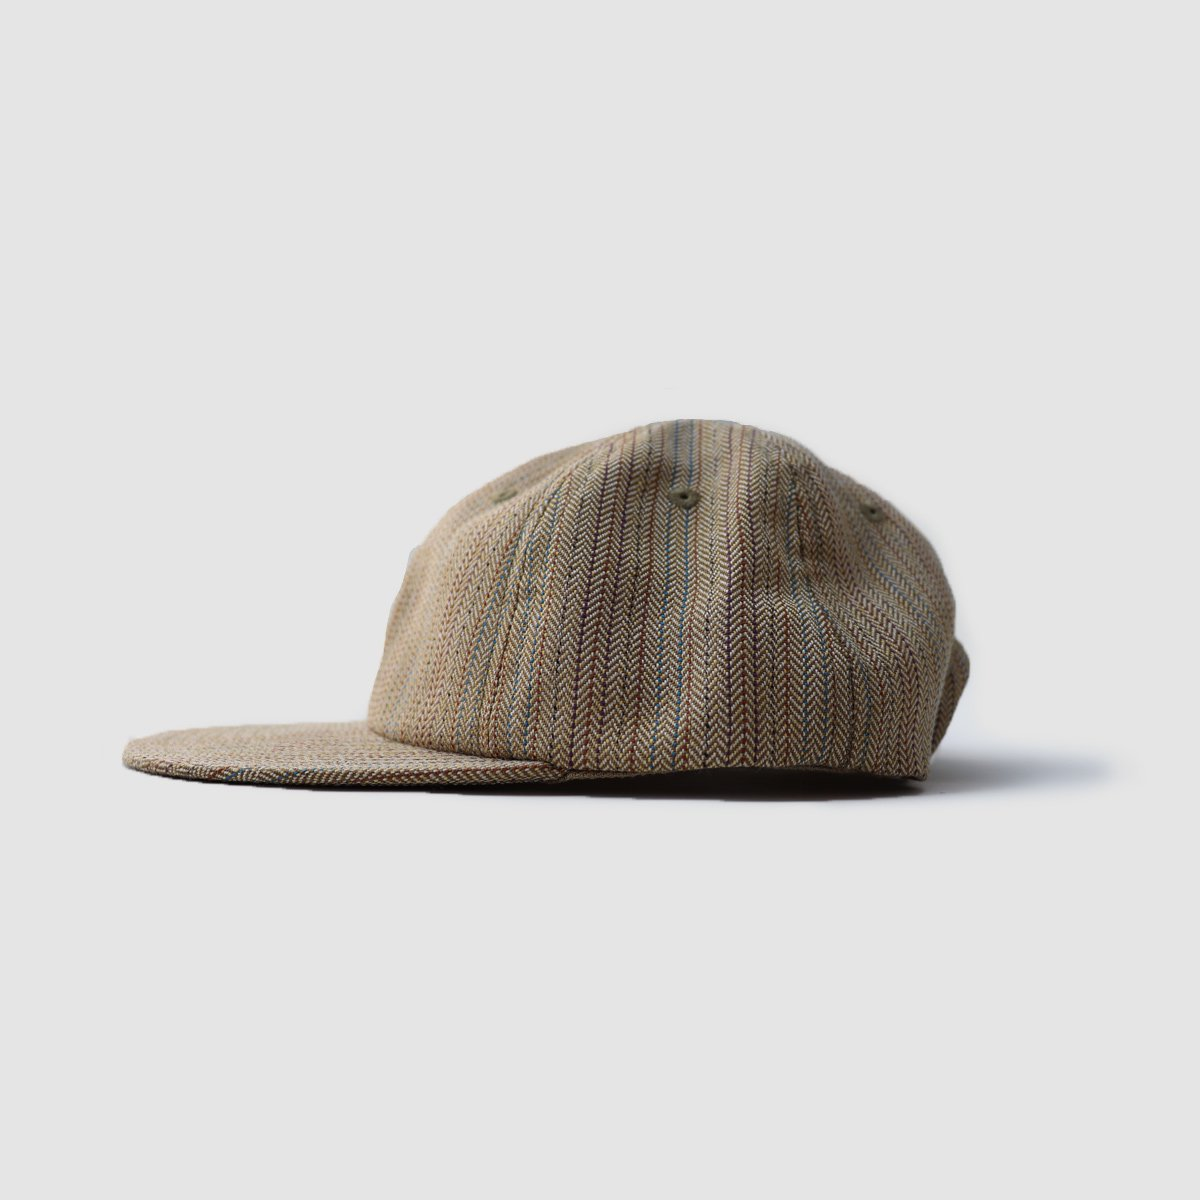 JOBA CAP 詳細画像4